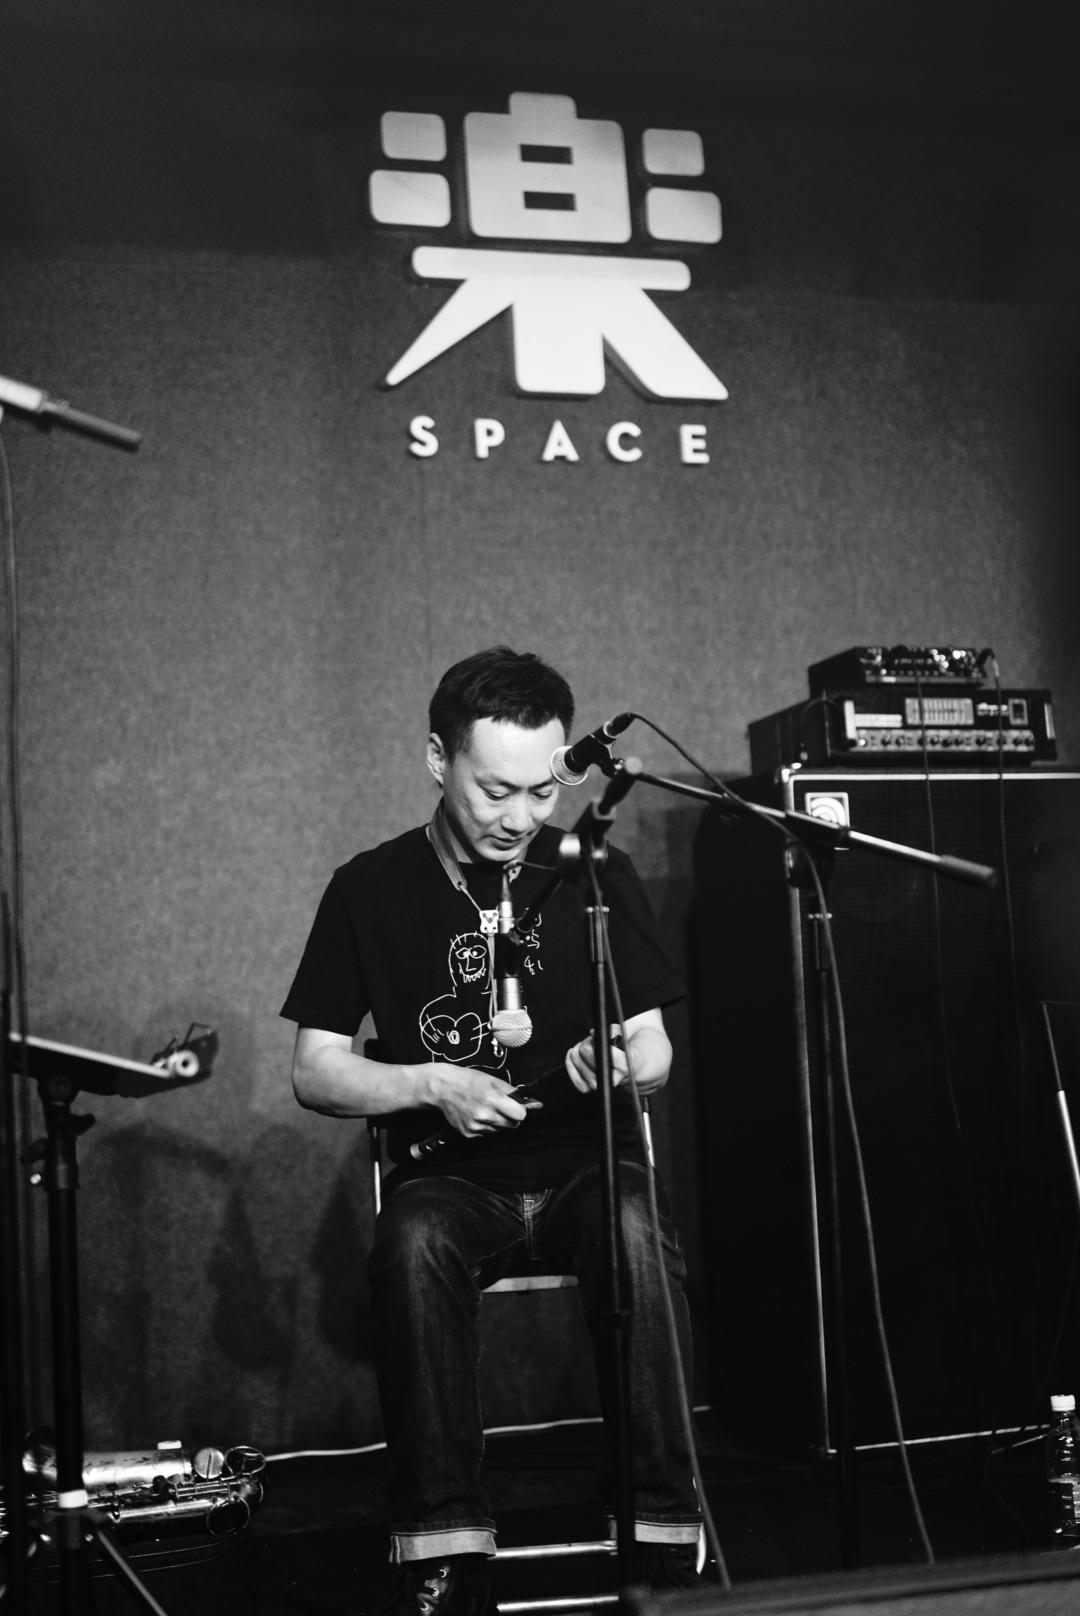 Lao Dan (Yue Space, Beijing)